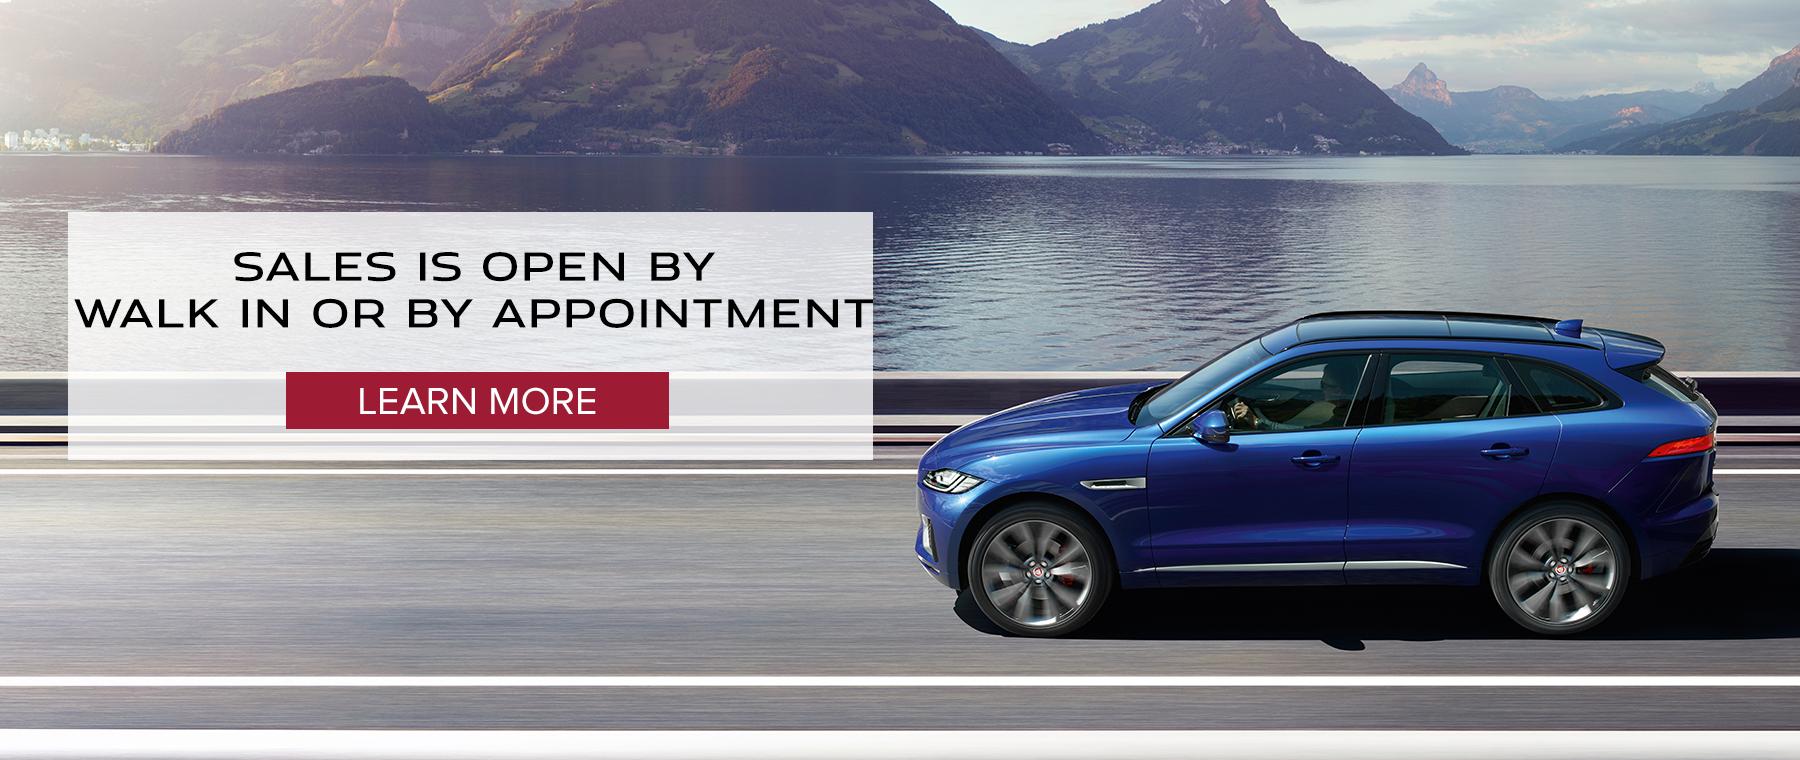 Jaguar Sales Slide